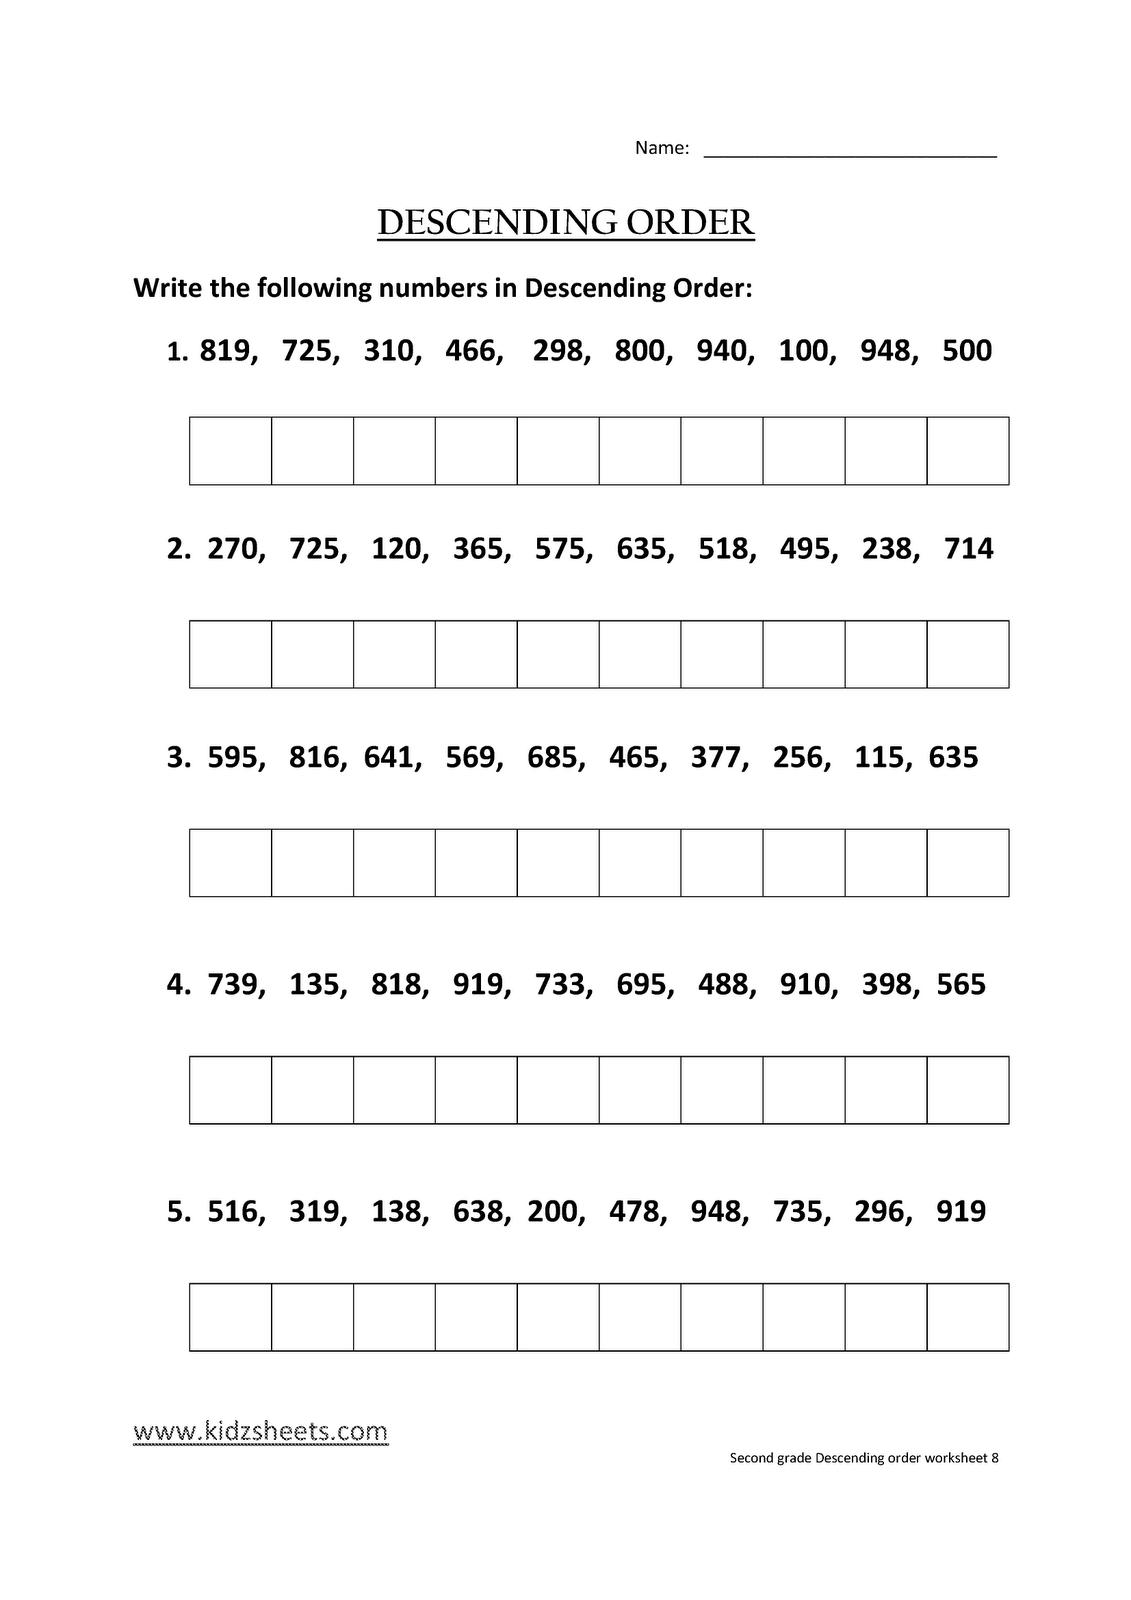 Kidz Worksheets Second Grade Descending Order Worksheet8